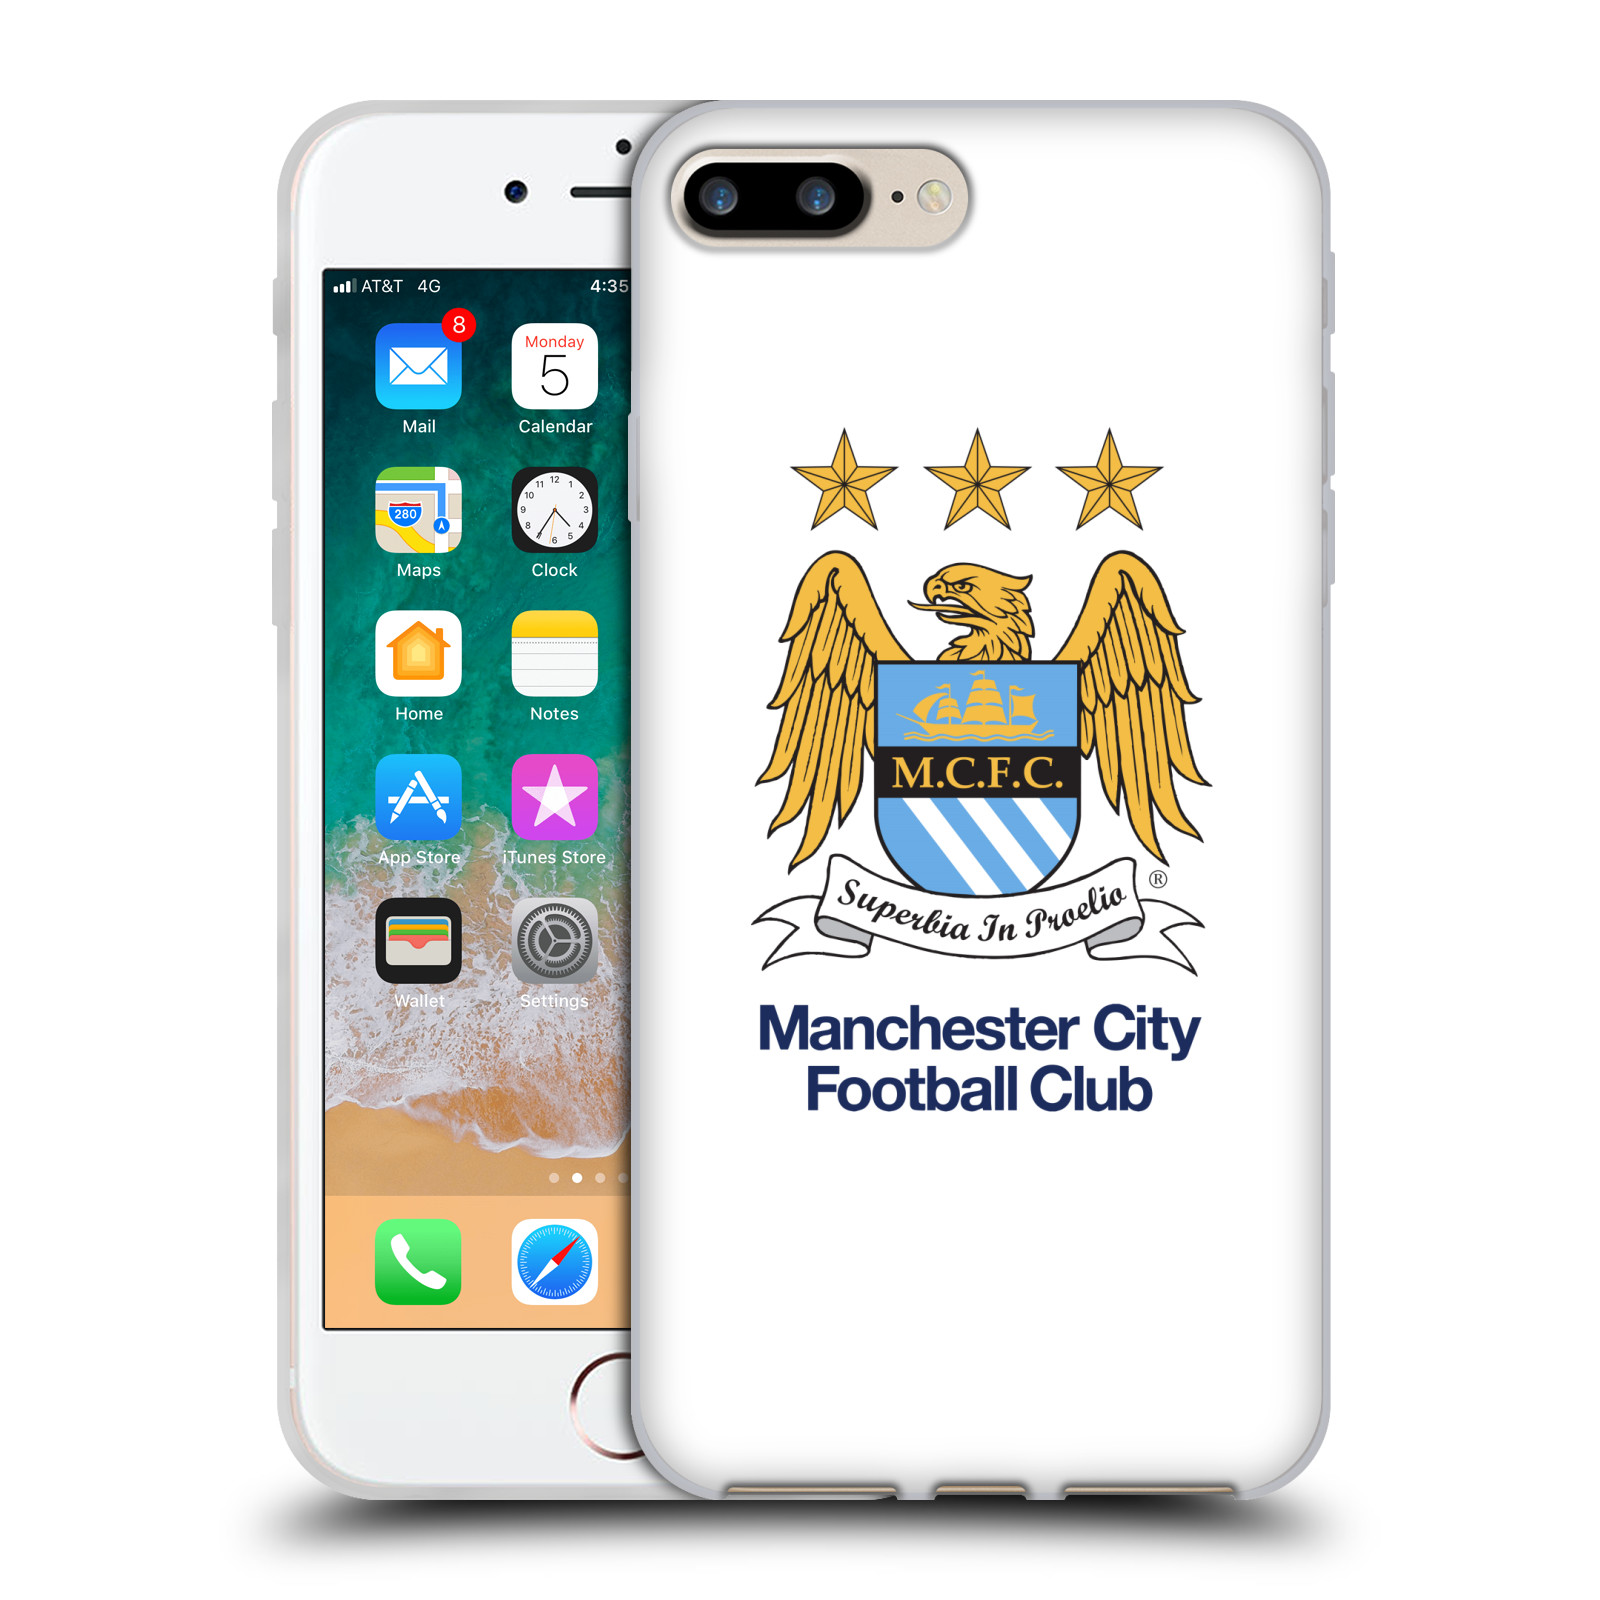 HEAD CASE silikonový obal na mobil Apple Iphone 7 PLUS Fotbalový klub Manchester City bílé pozadí velký znak pták